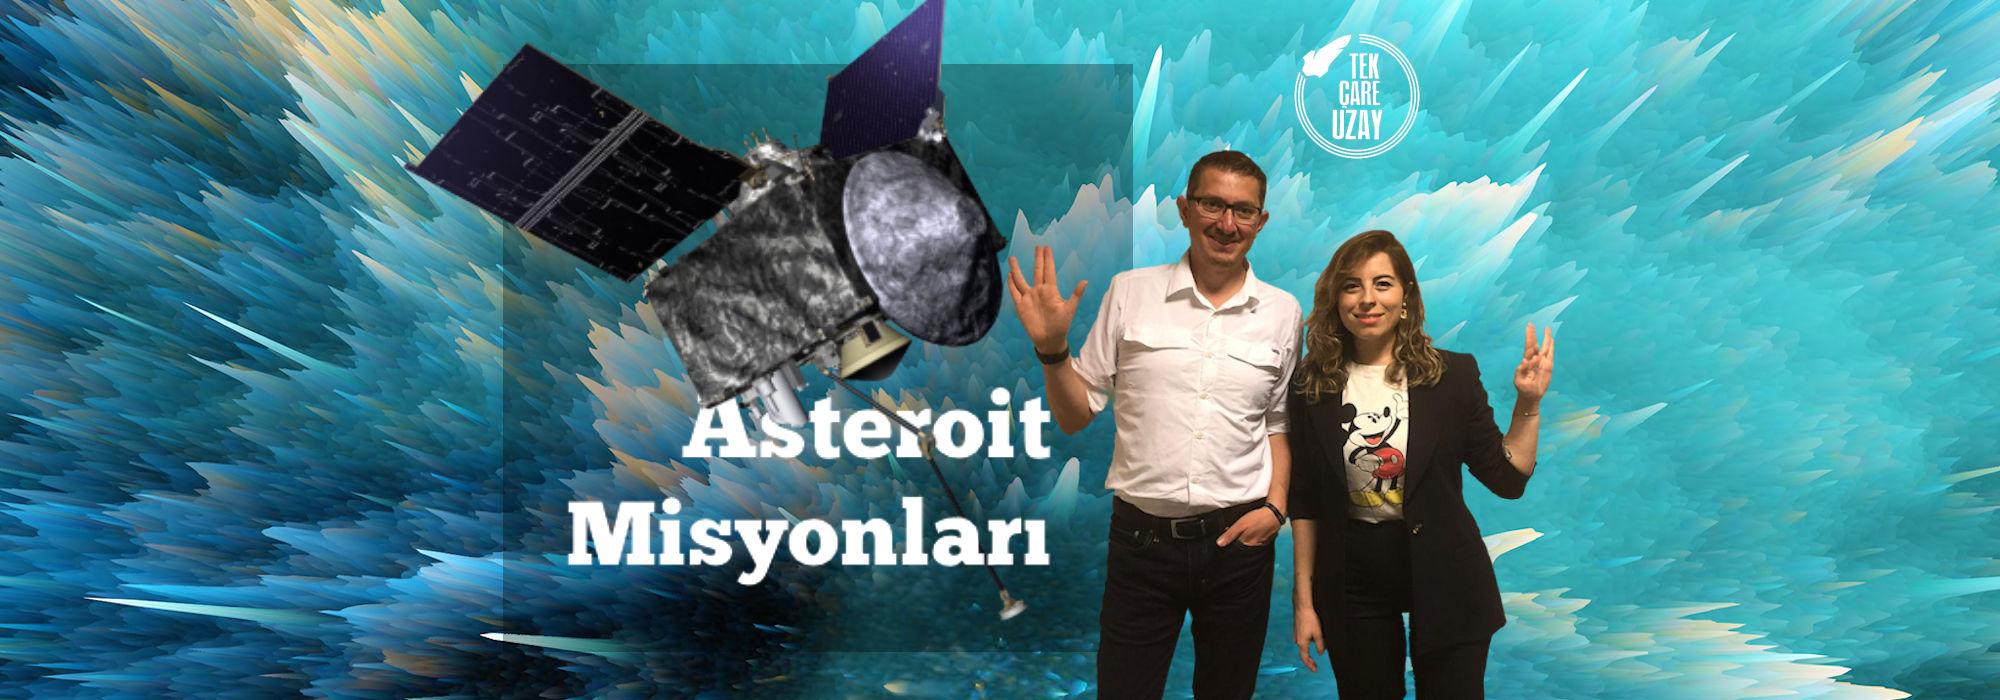 Tek Çare Uzay | Asteroit Misyonları